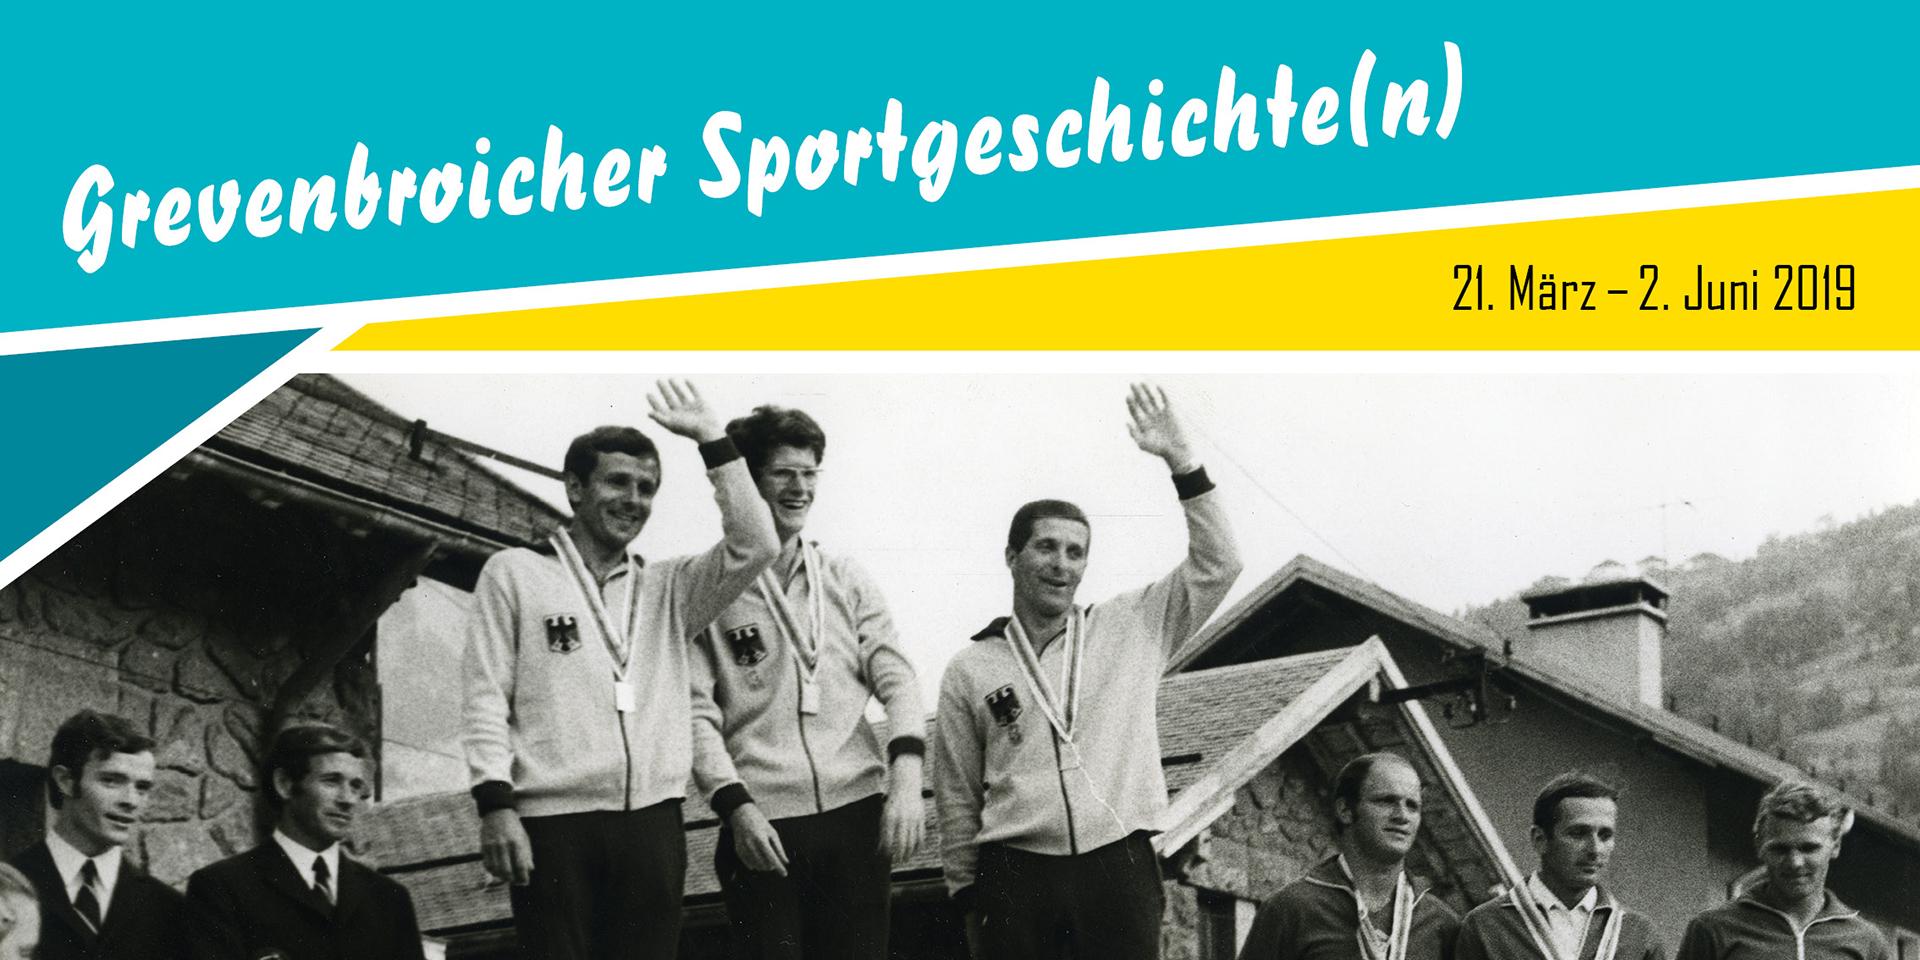 Grevenbroicher Sportgeschichten